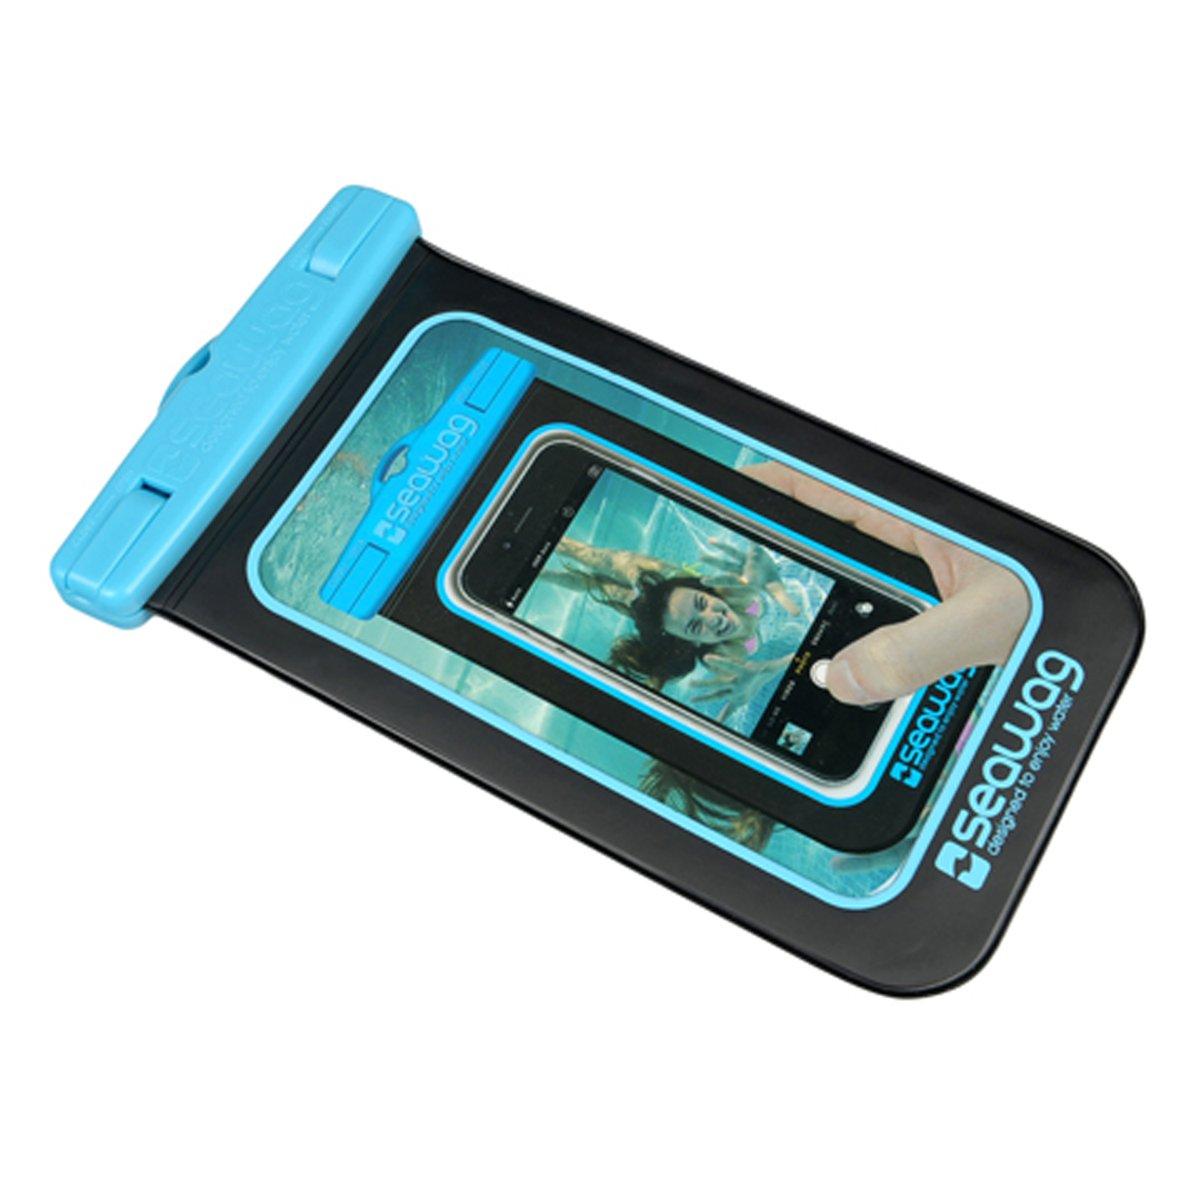 SEAWAG Voděodolné pouzdro pro telefon Černá Modrá. FOCUS-computer c7efc551a14